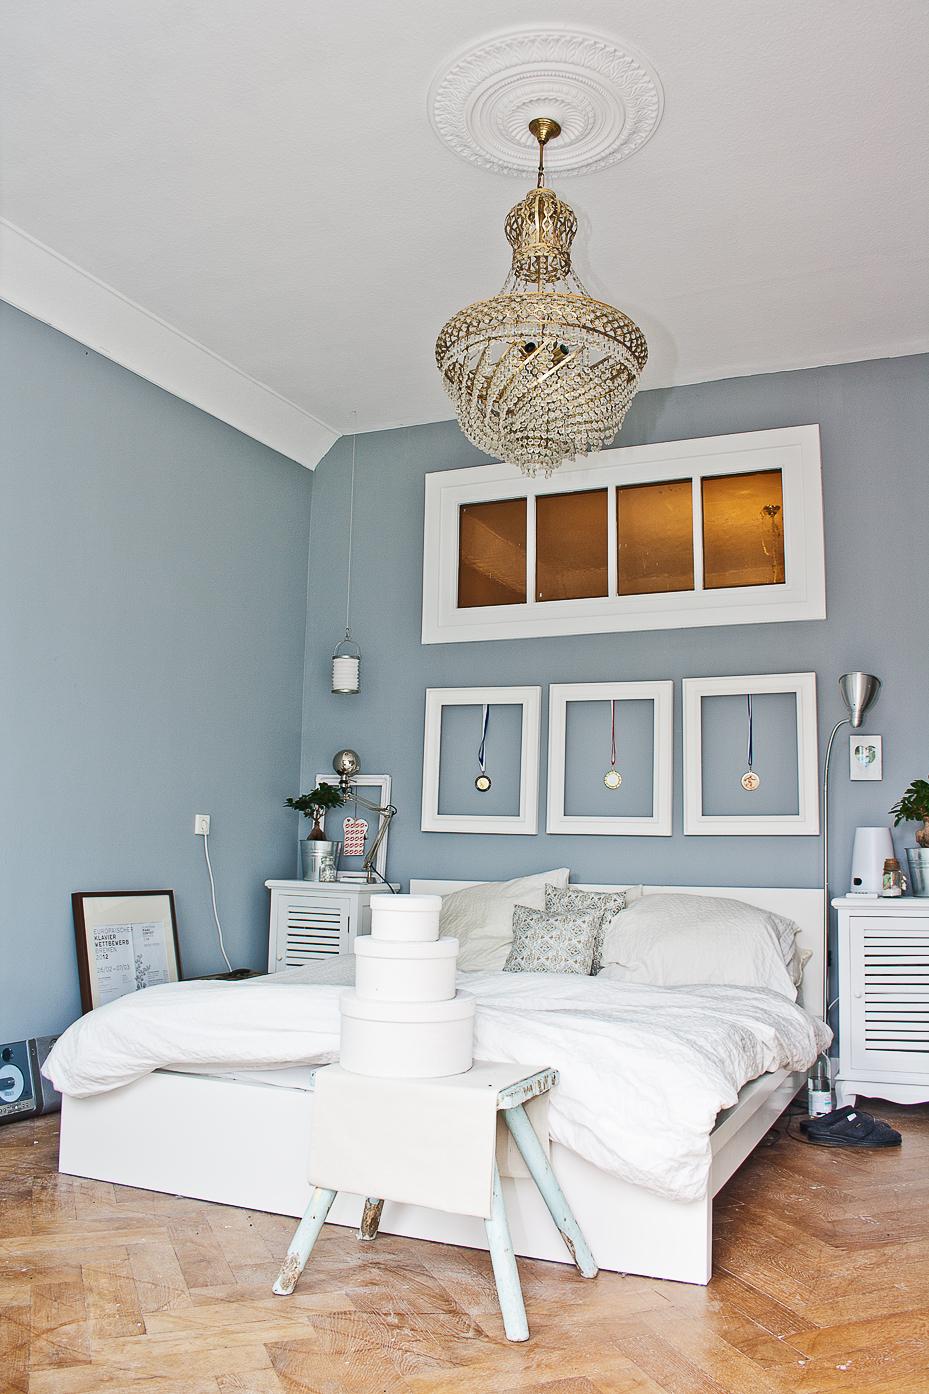 gute stimmung im schlafzimmer mit dem richtigen licht. Black Bedroom Furniture Sets. Home Design Ideas